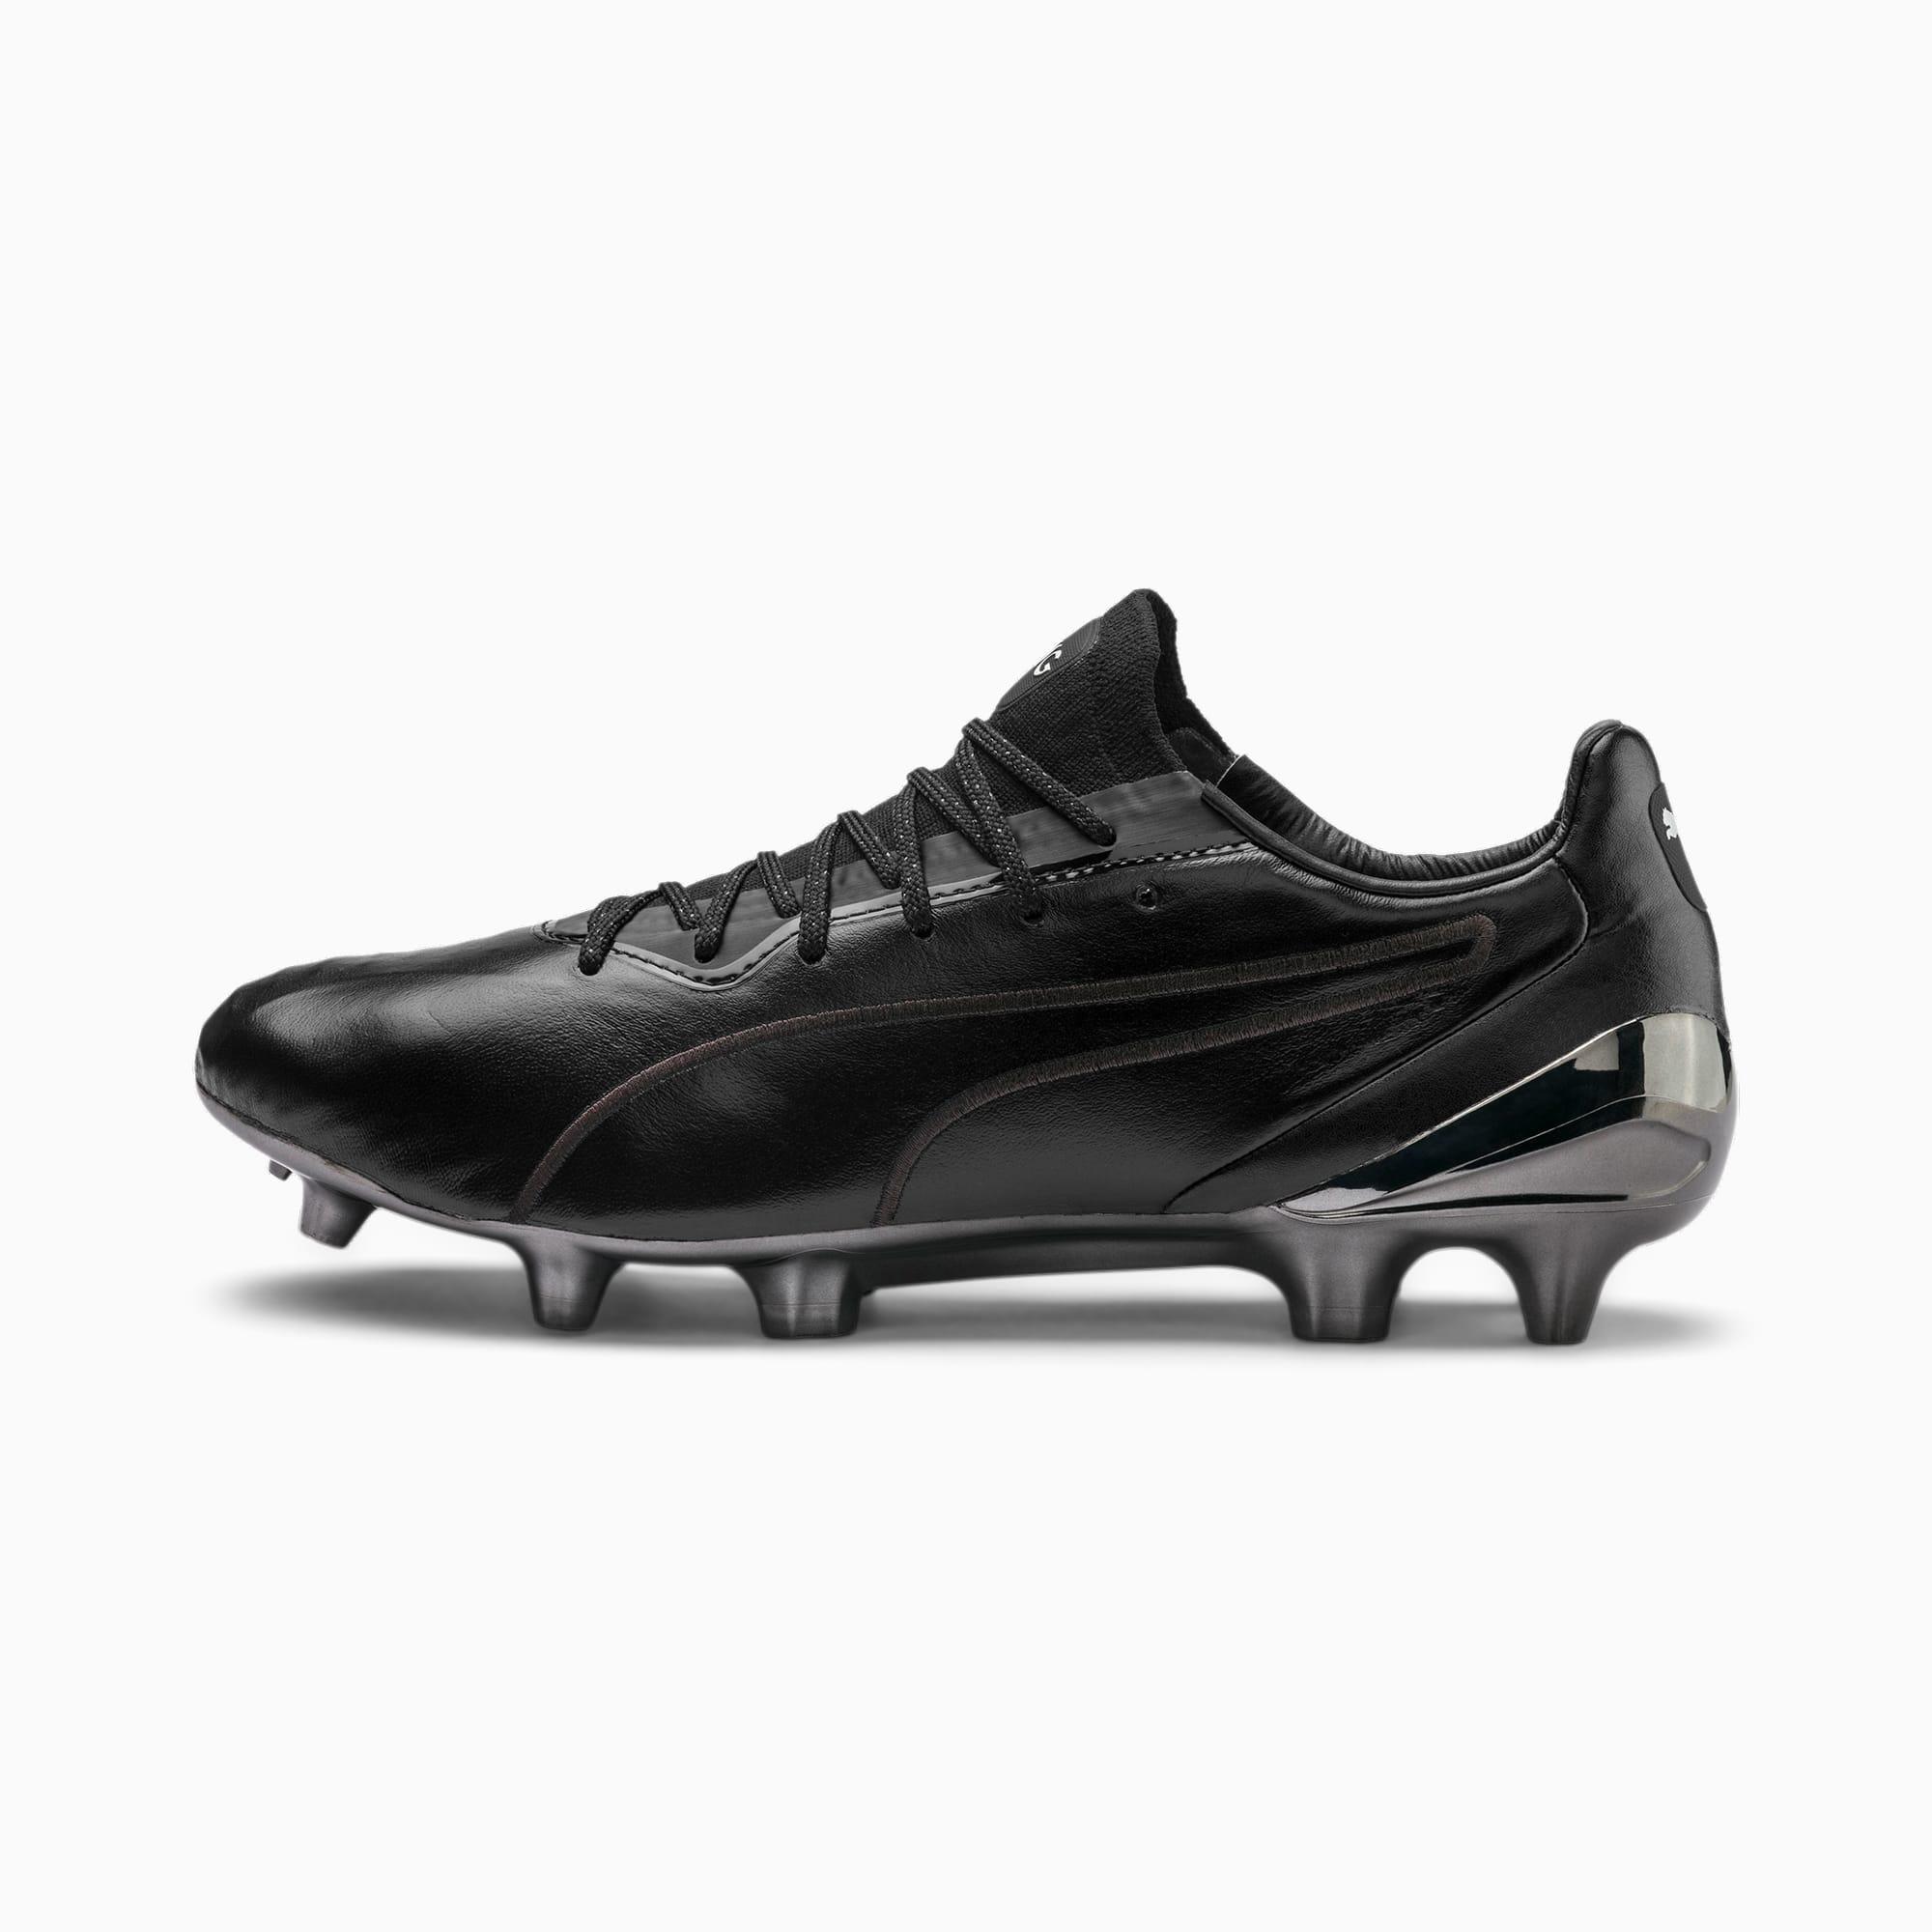 KING Platinum FGAG fodboldstøvler til mænd